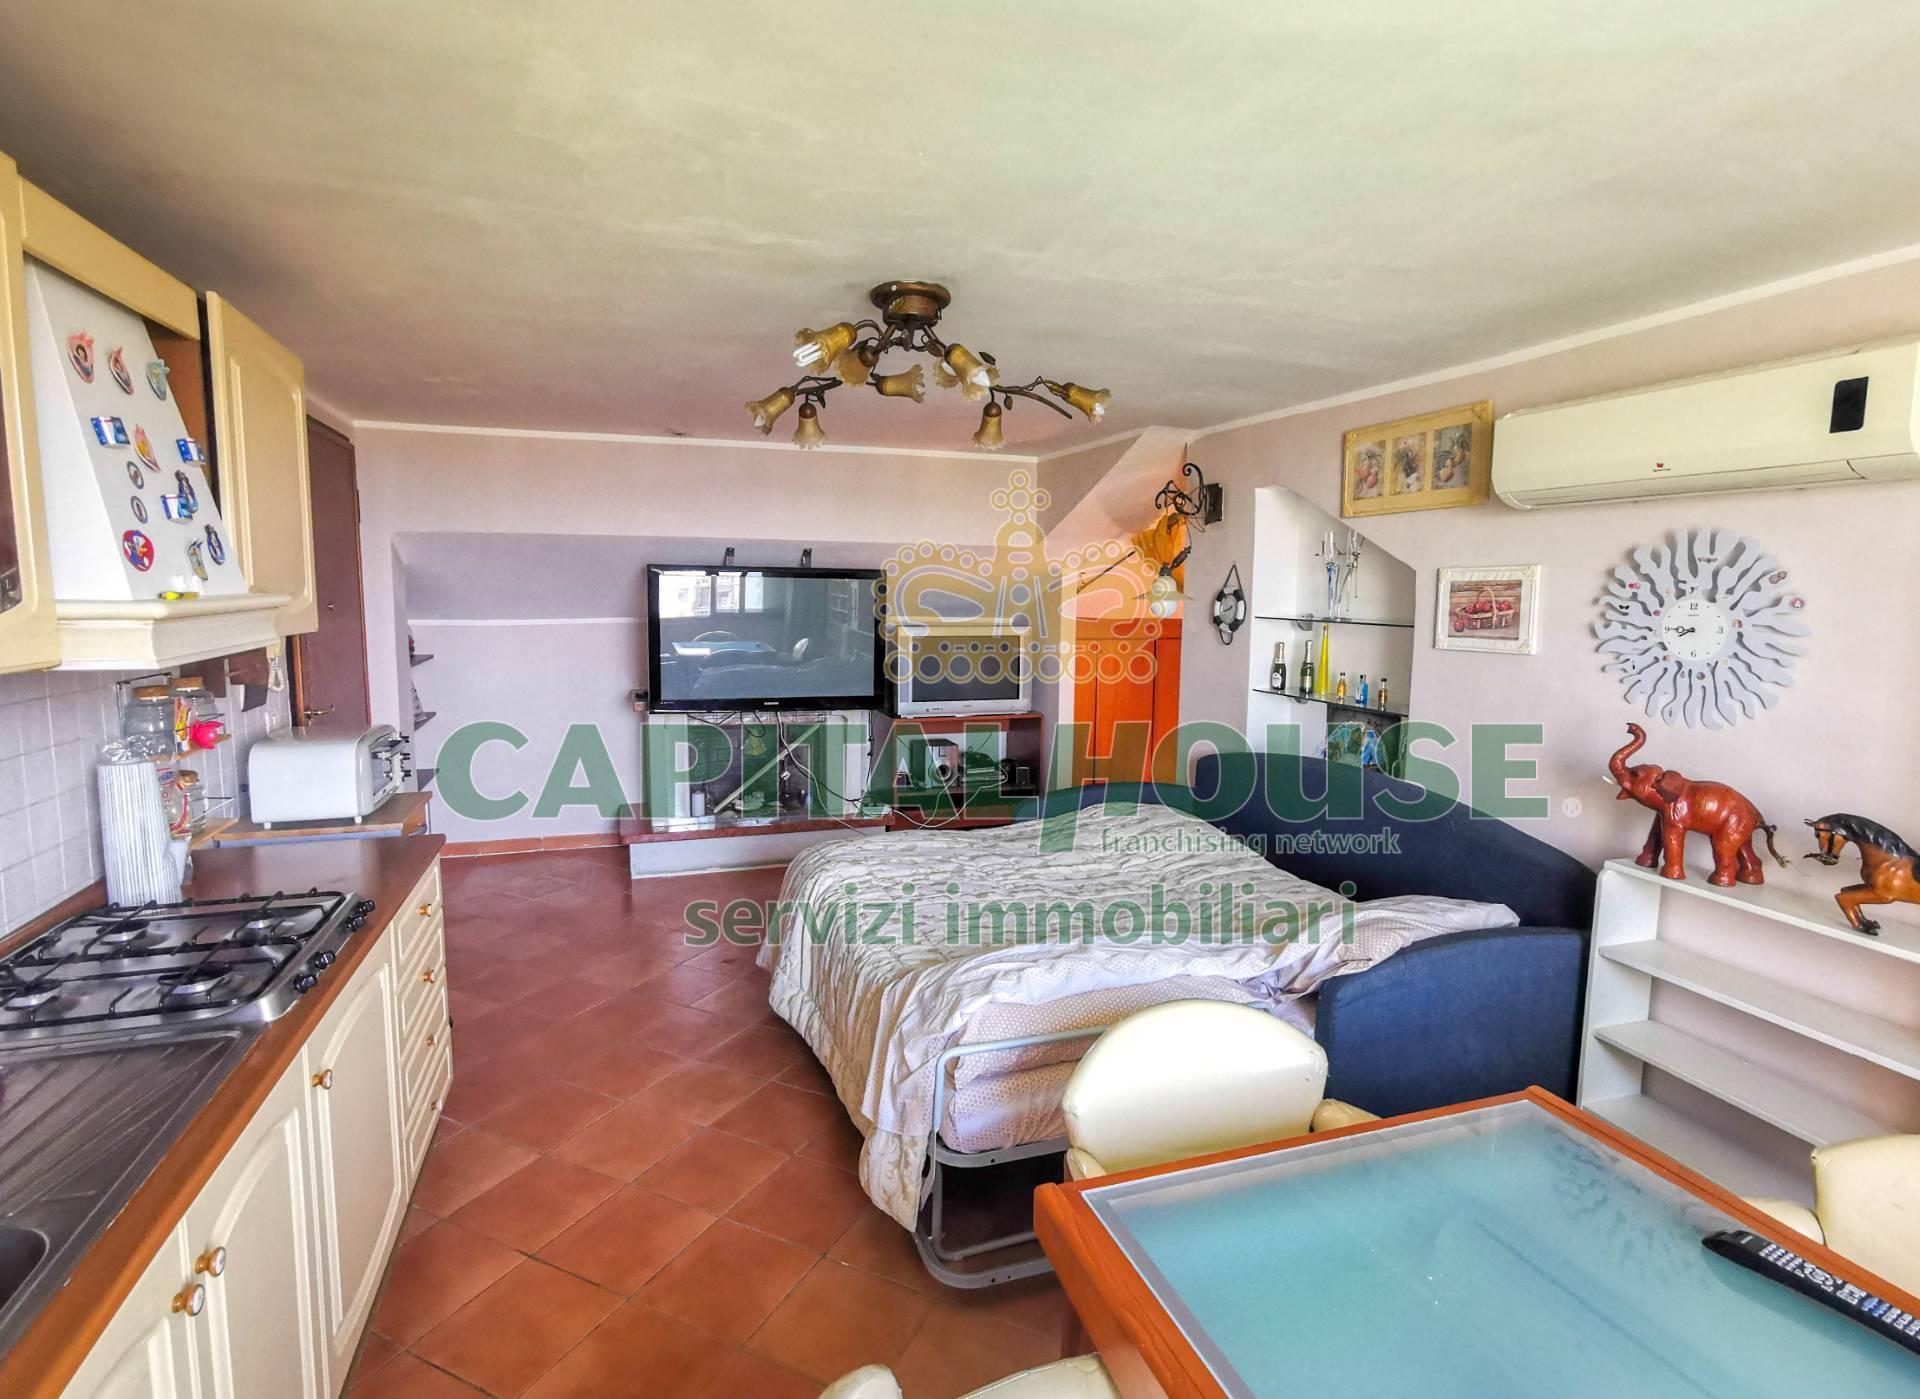 Attico / Mansarda in vendita a San Tammaro, 2 locali, prezzo € 45.000 | PortaleAgenzieImmobiliari.it